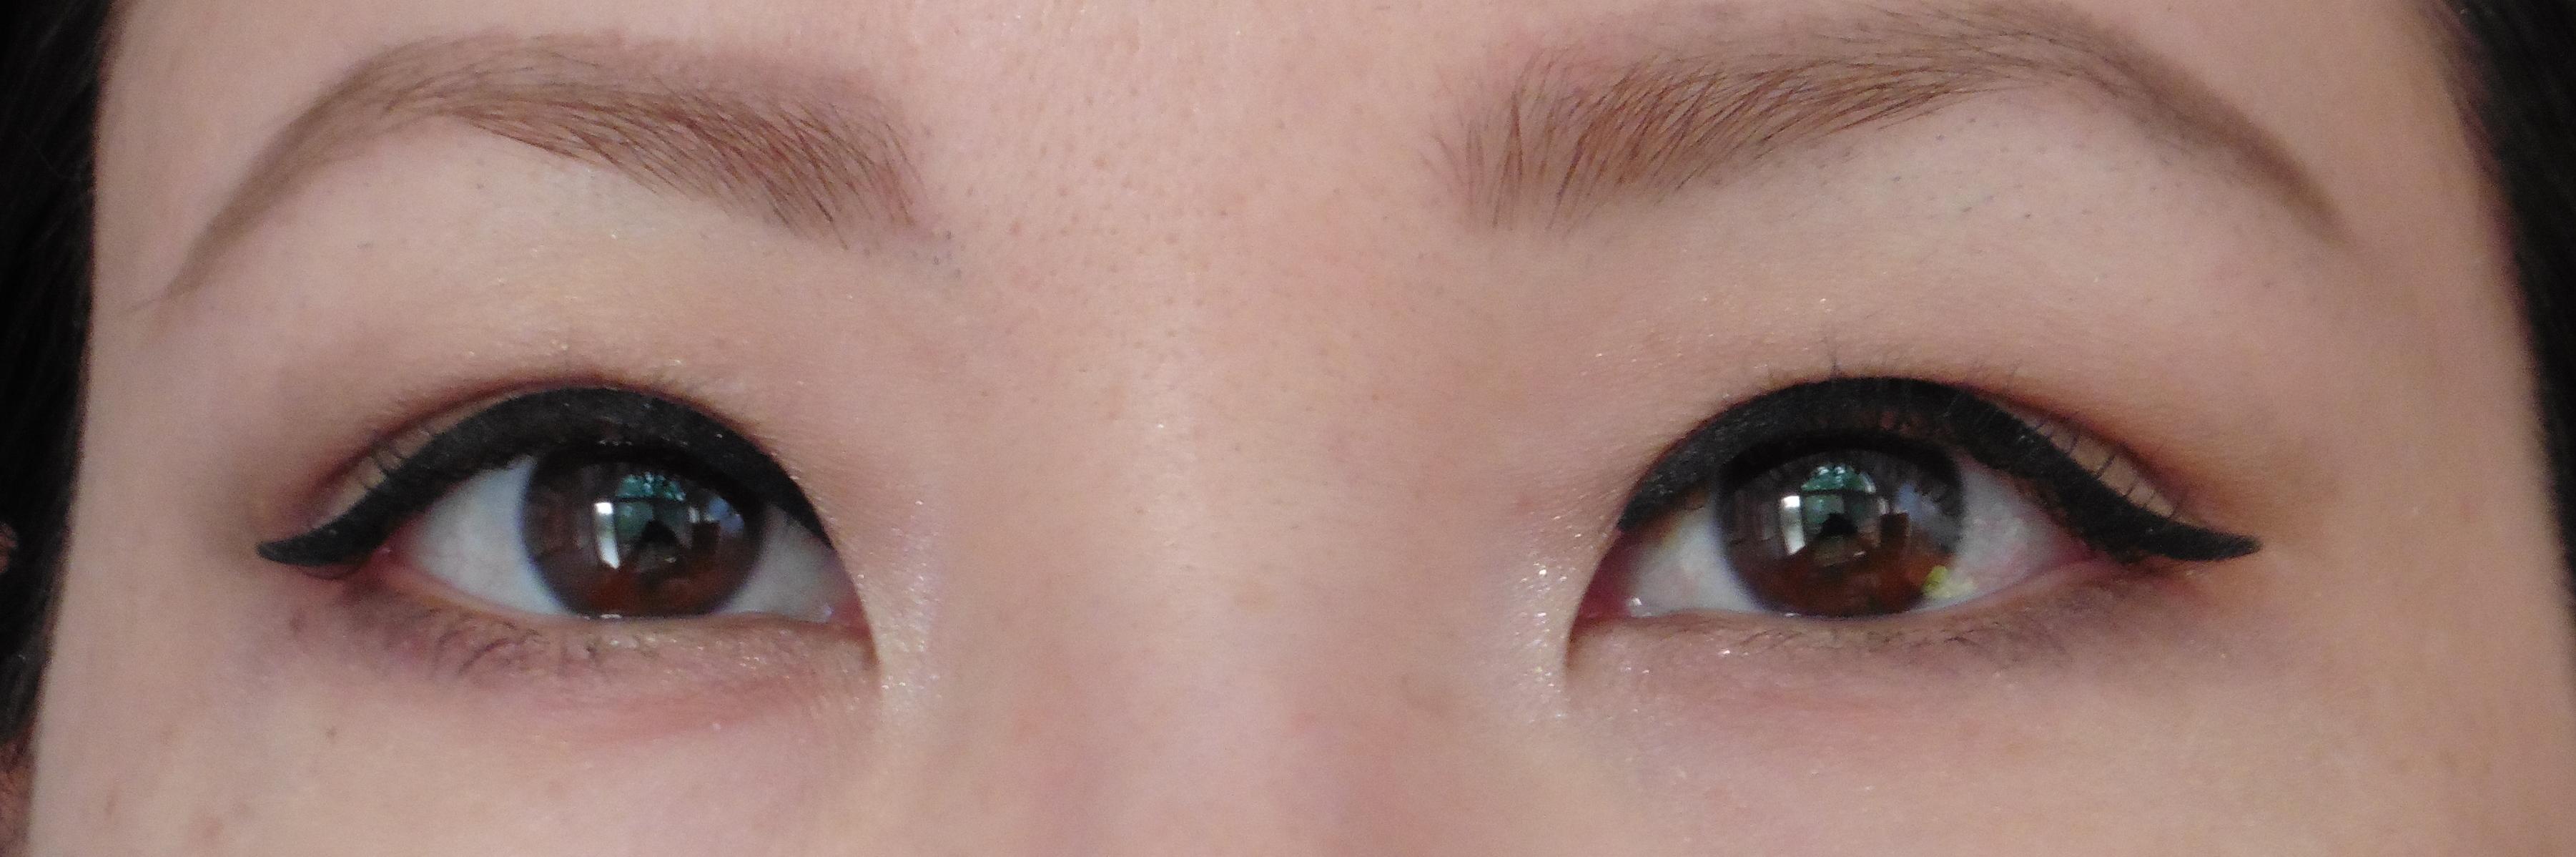 Eyelid Tape Wearing Makeup